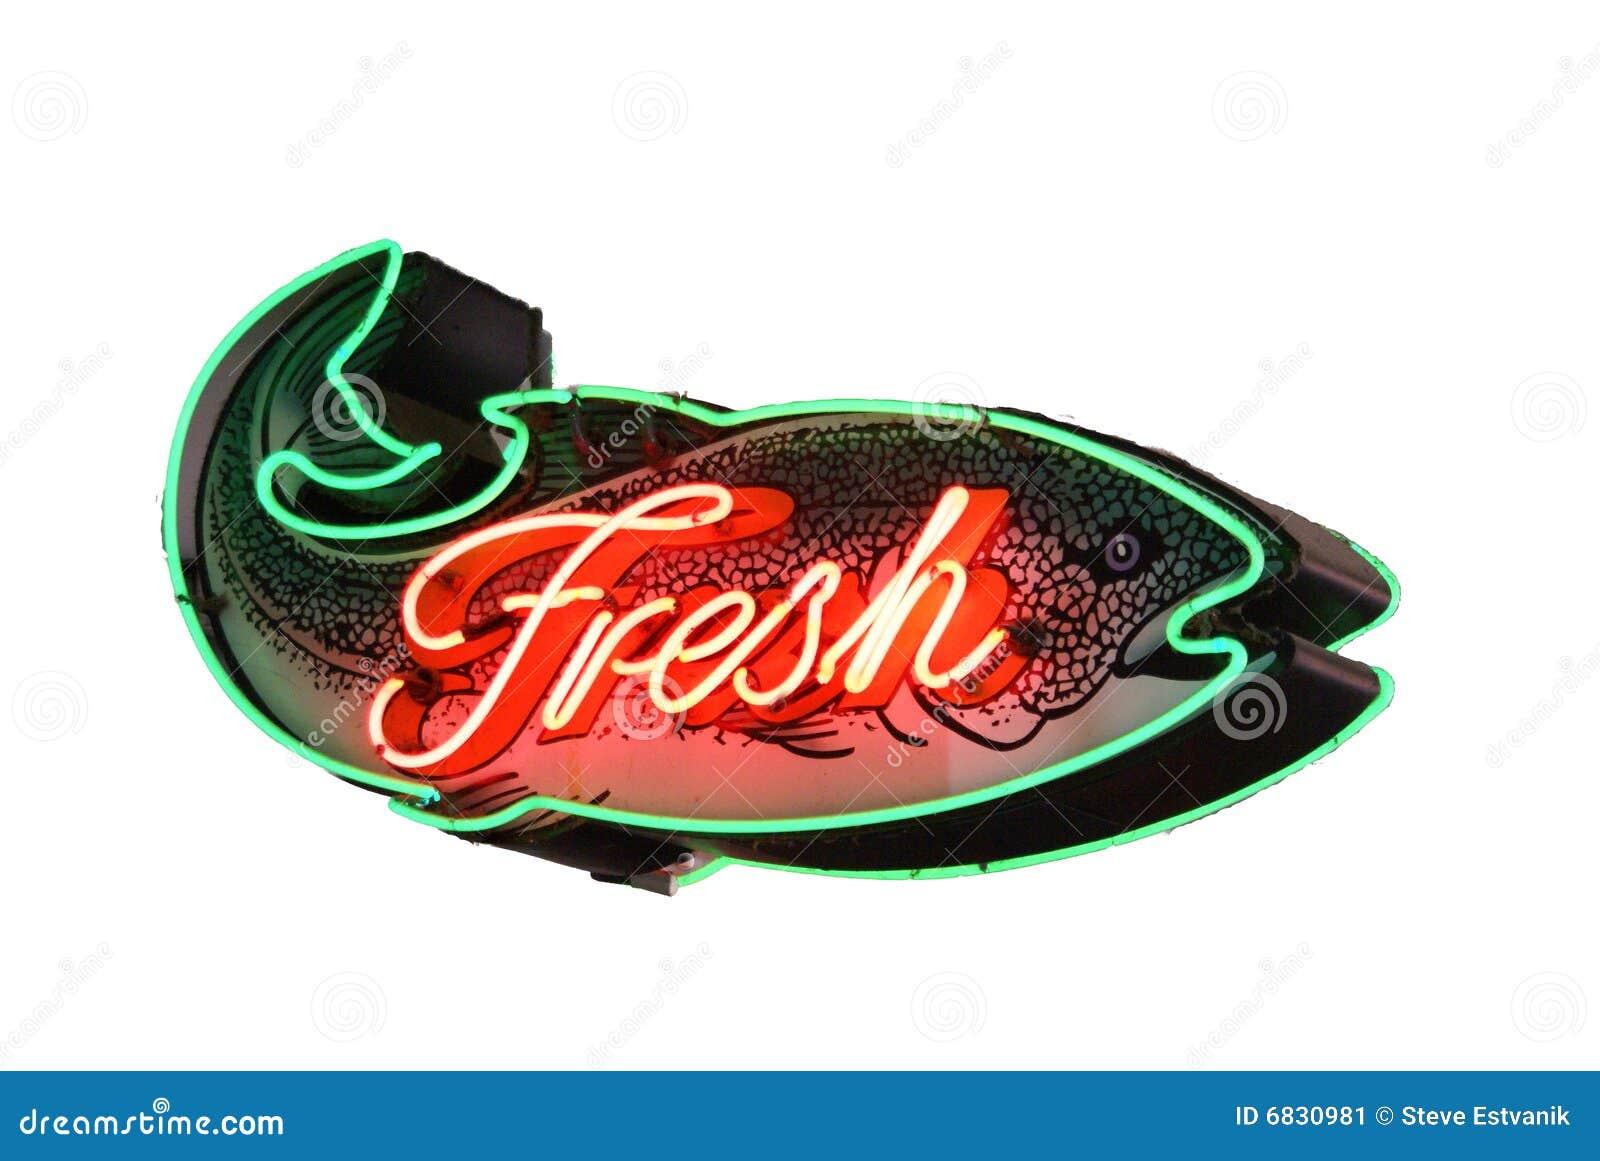 钓鱼新霓虹灯广告